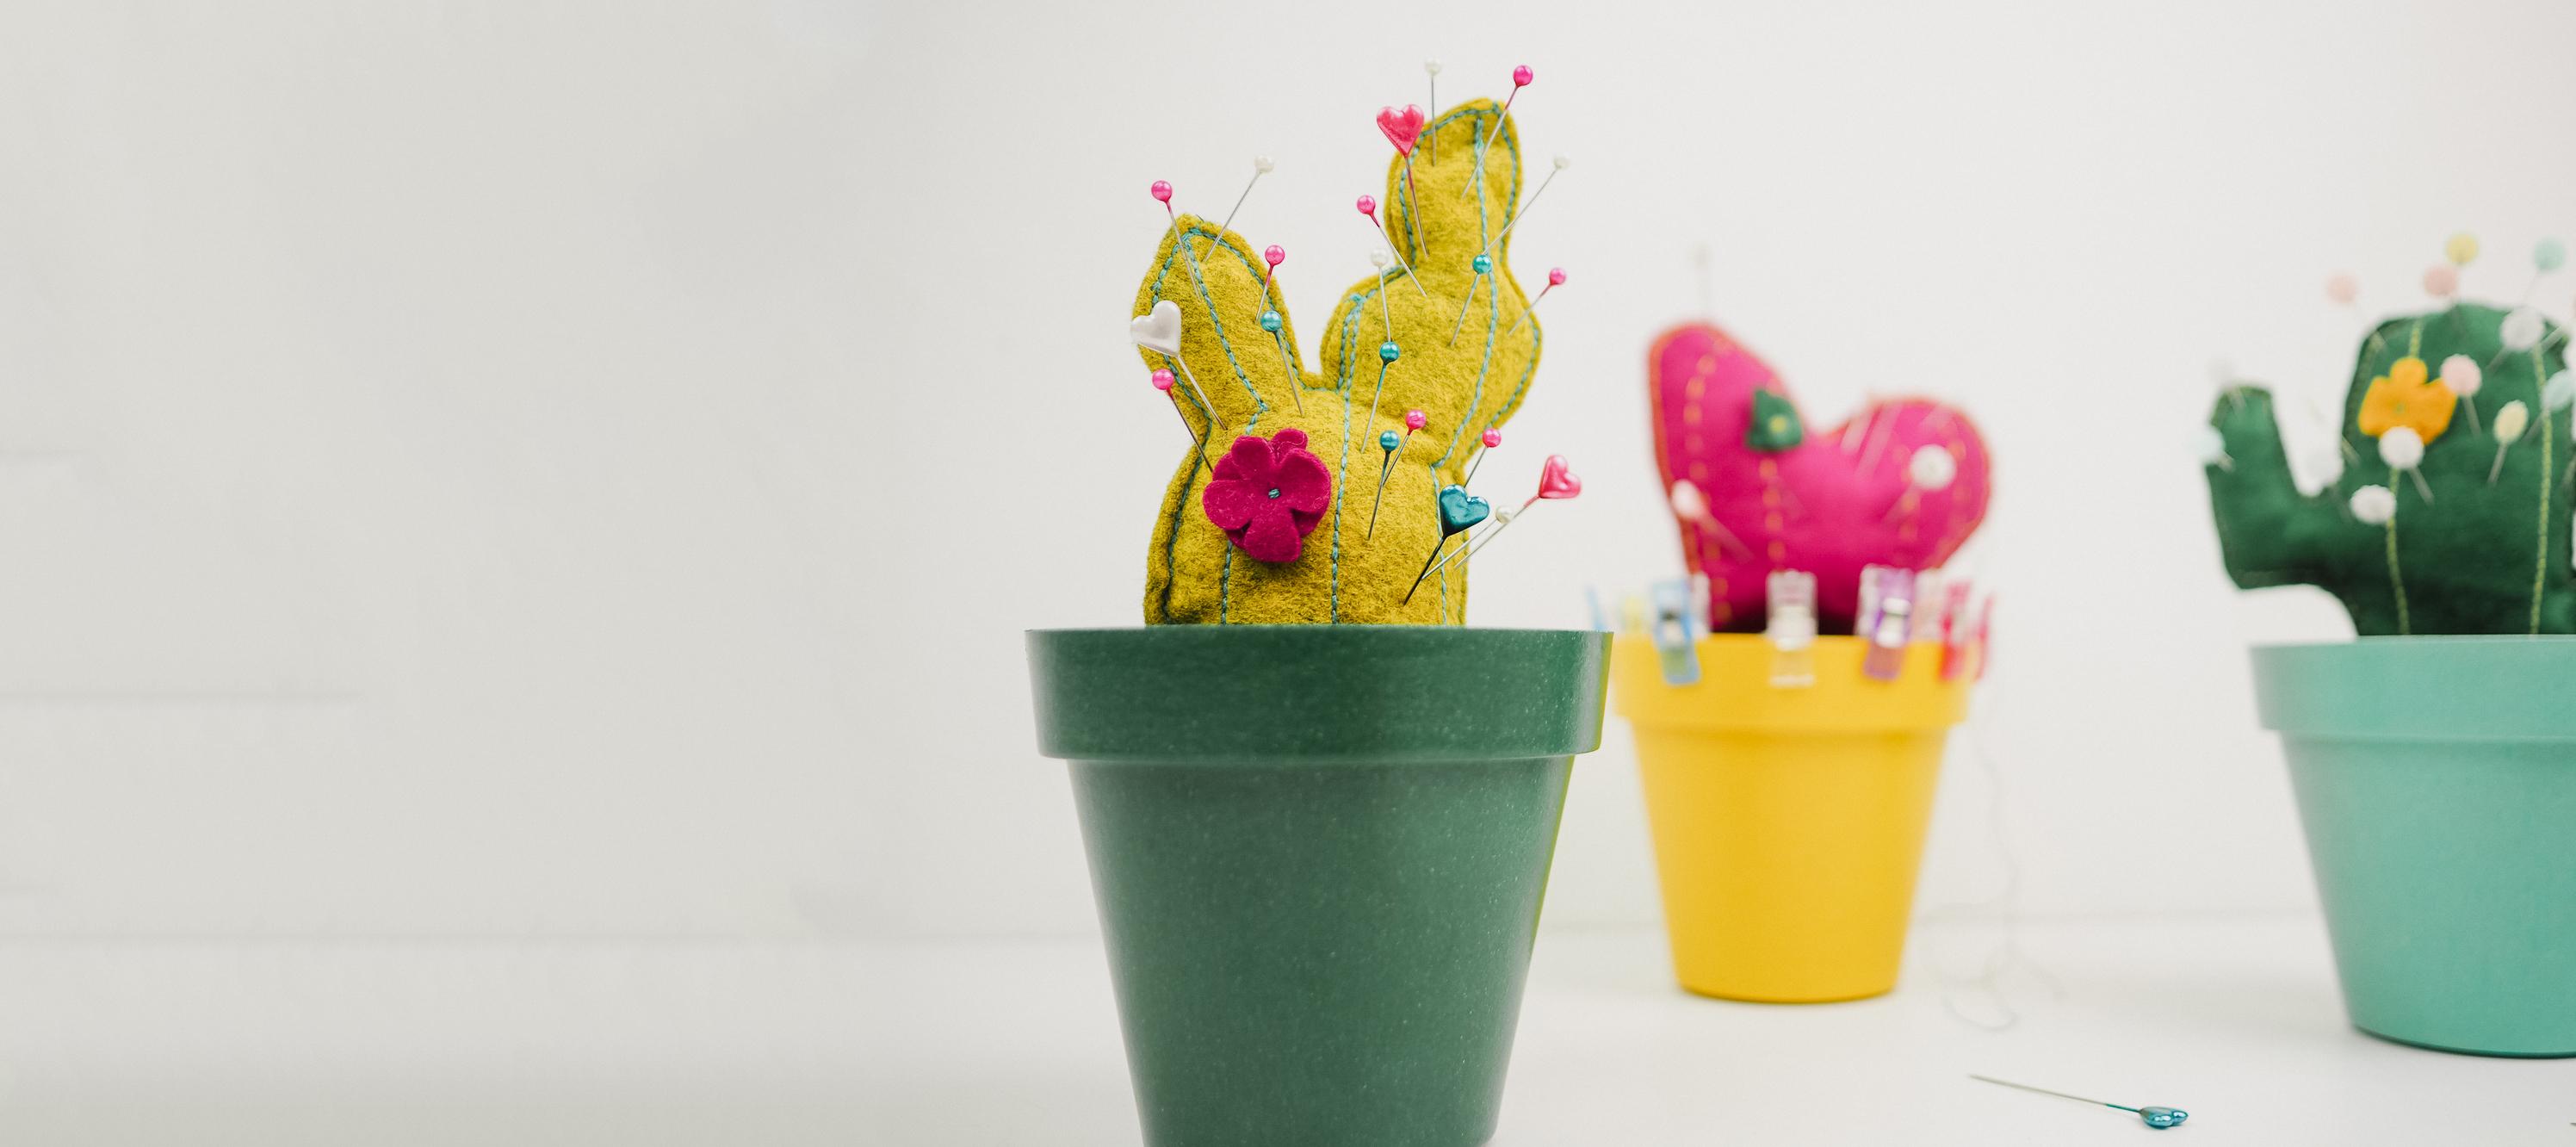 Ou Acheter De La Mousse Pour Piquer Des Fleurs tuto : coudre un pique épingle cactus - 3 patrons gratuits